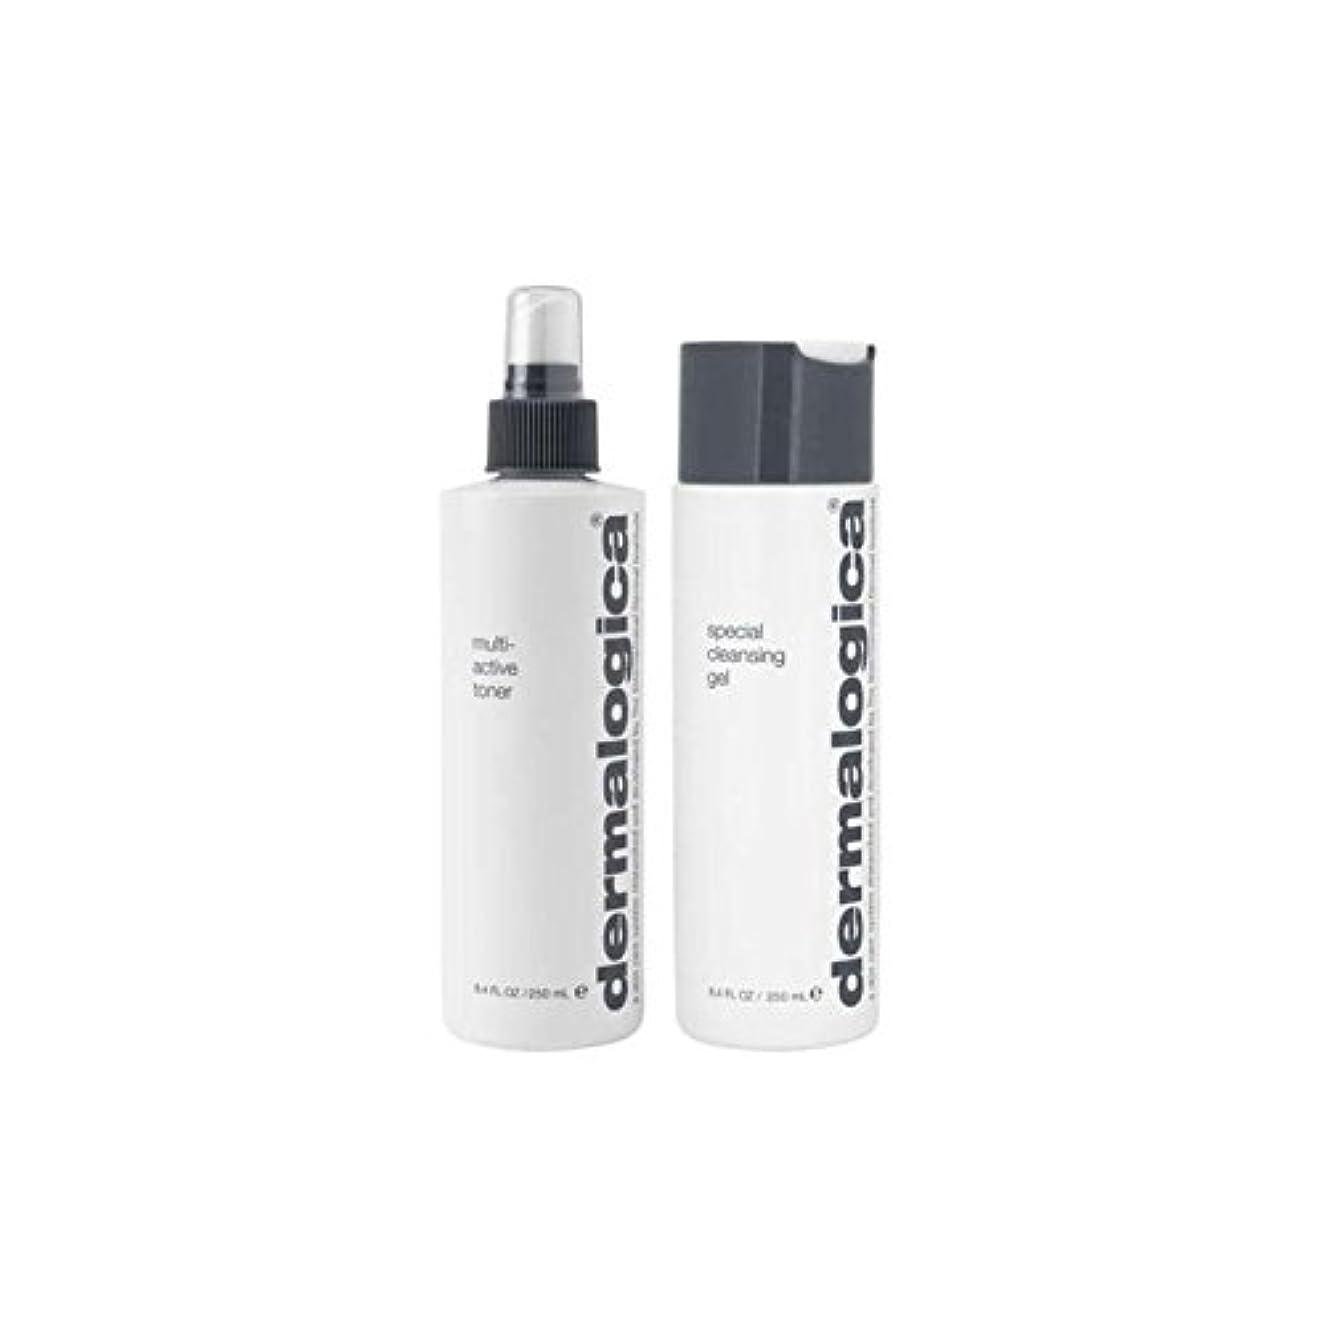 枯渇するイソギンチャクミンチダーマロジカクレンジング&トーンデュオ - ノーマル/ドライスキン(2製品) x4 - Dermalogica Cleanse & Tone Duo - Normal/Dry Skin (2 Products) (Pack of 4) [並行輸入品]